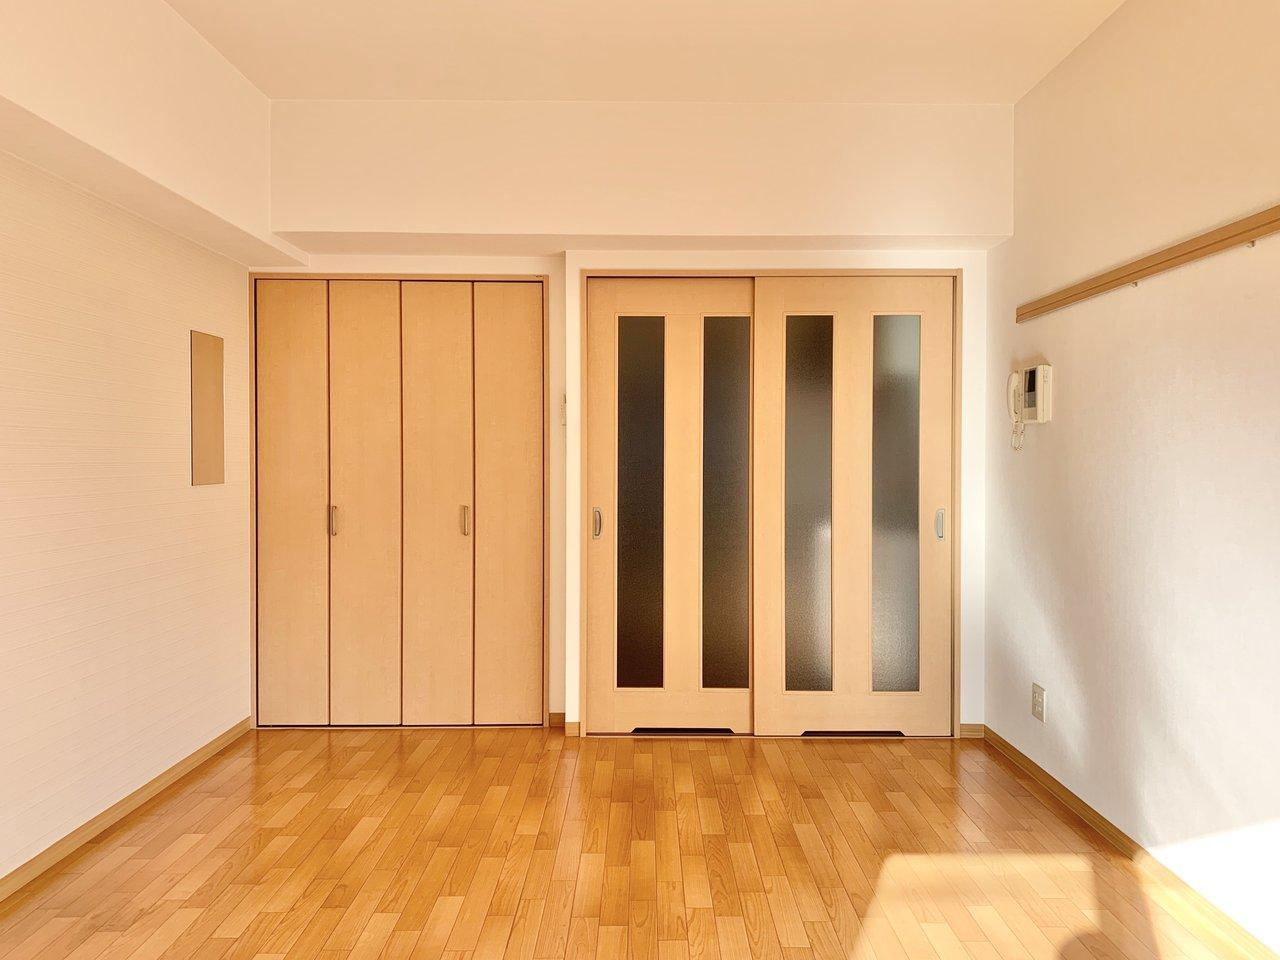 居室は約10畳、ゆったりめの1Kです。クローゼットが大きめなのが嬉しい。